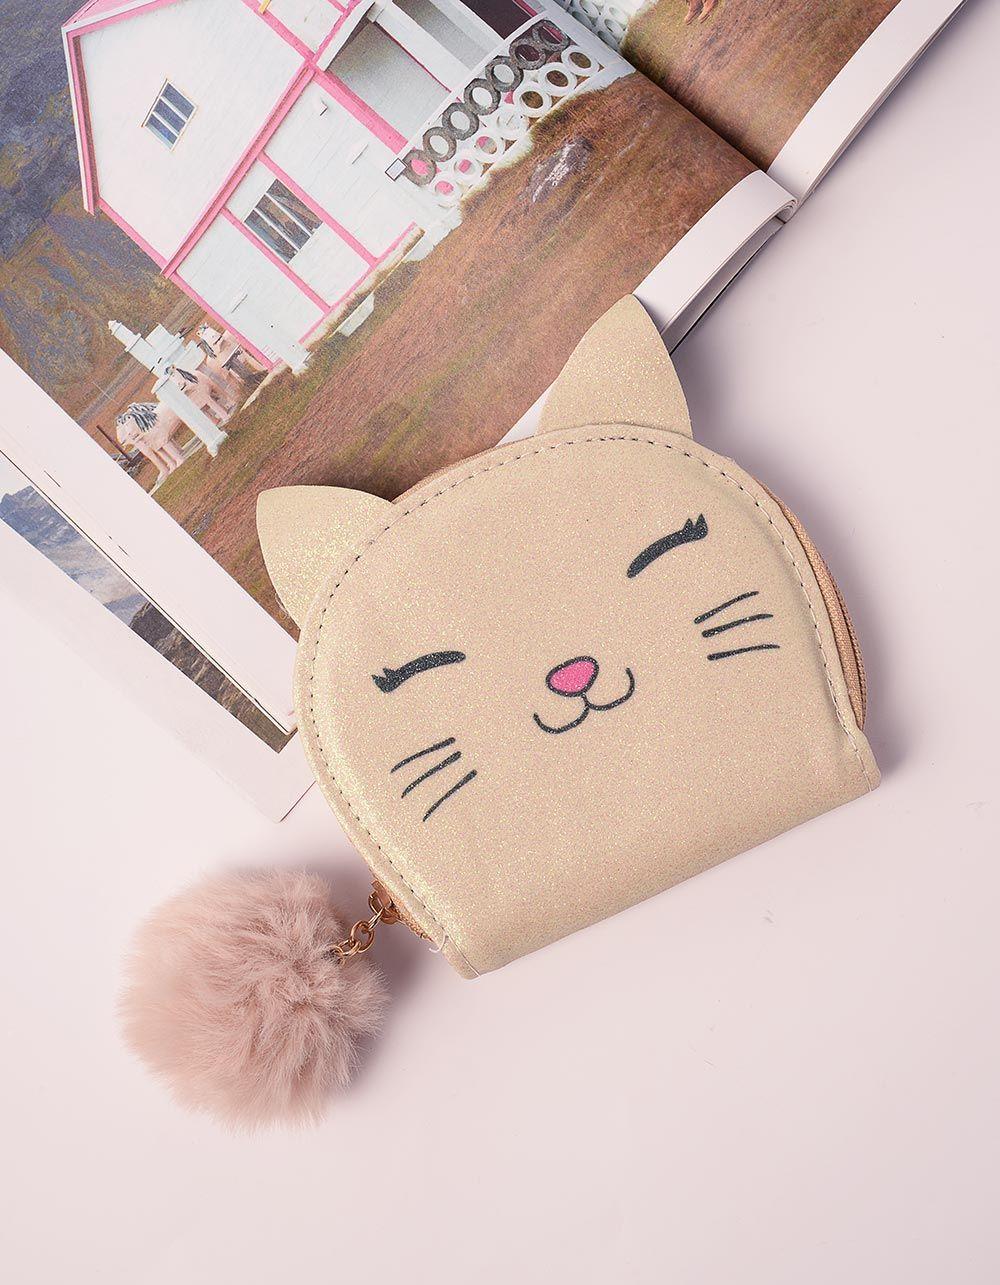 Гаманець з принтом кішки та хутряним брелоком   238386-04-XX